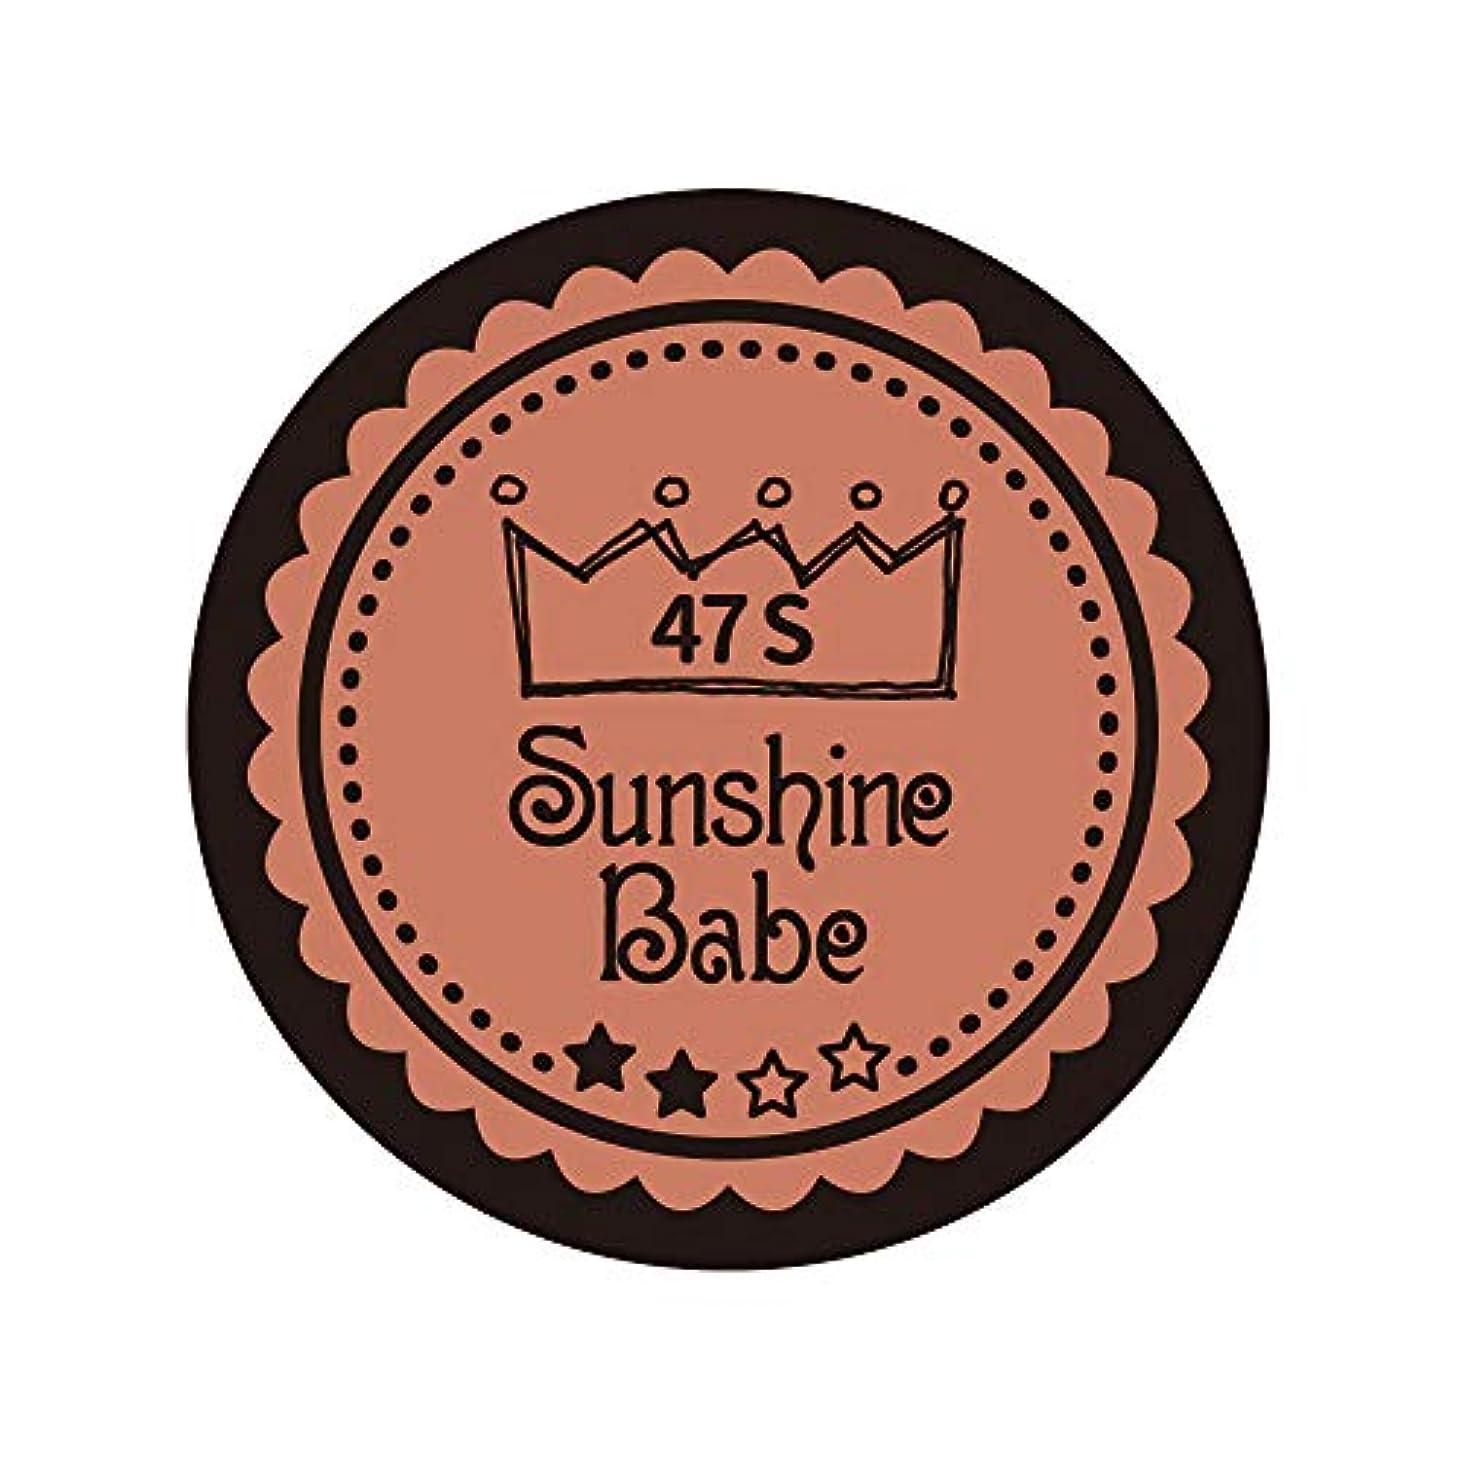 整理する女優肌Sunshine Babe カラージェル 47S ピーチブラウン 4g UV/LED対応